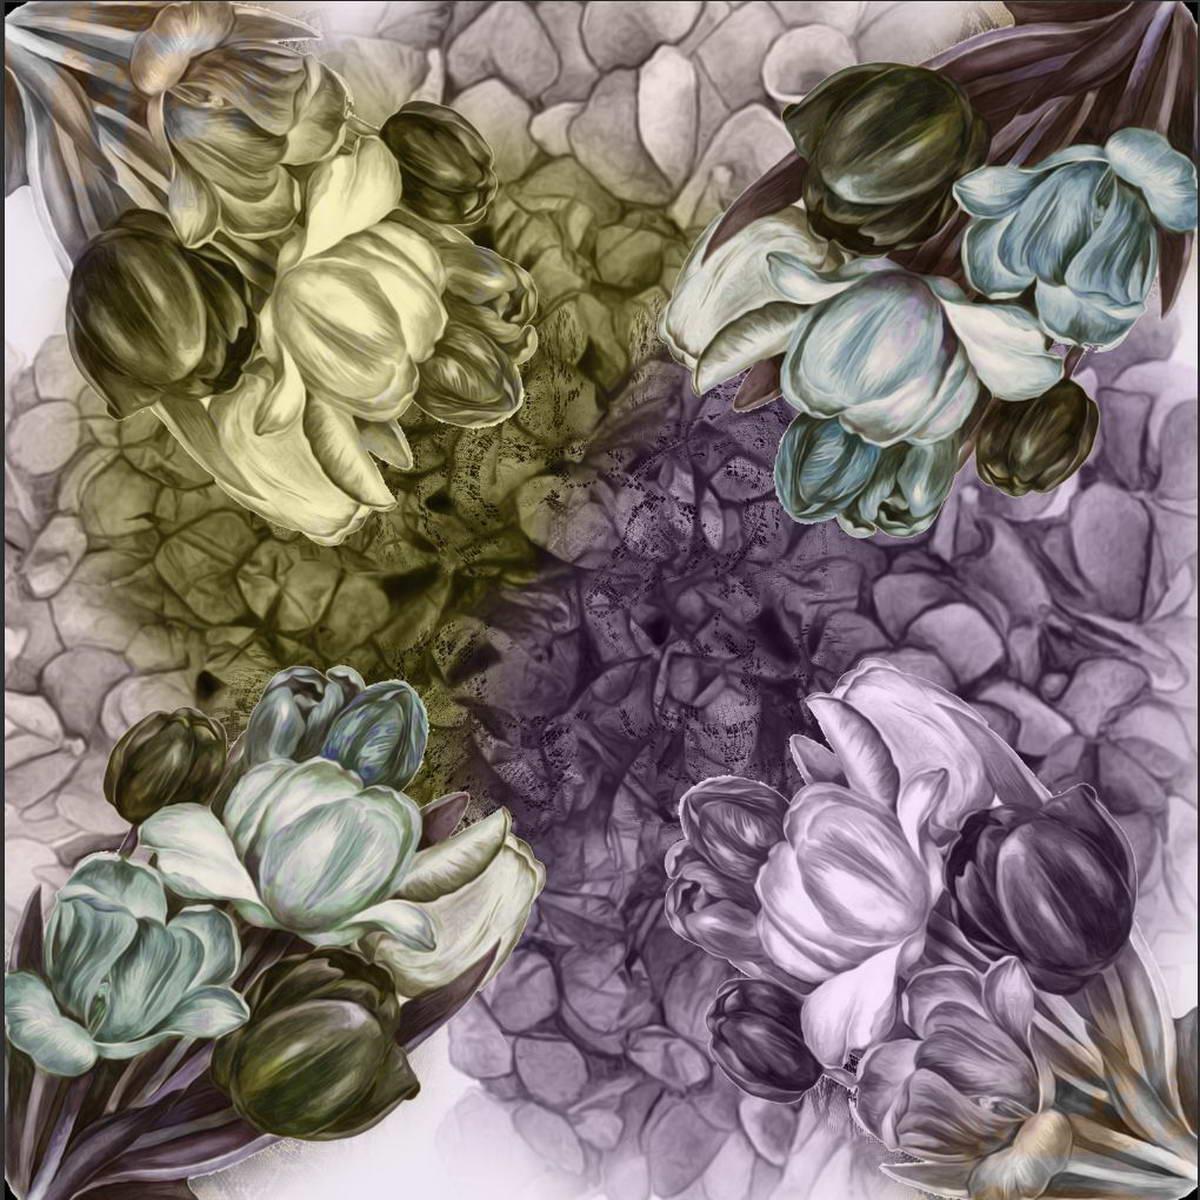 Платок Venera, цвет: сиреневый, оливковый, серый. 3902627-14. Размер 90 см х 90 см3902627-14Платок Venera выполнен из 100% полиэстера. Материал мягкий, уютный и приятный на ощупь. Модель дополнена интересным зеркальным принтом. Отличный выбор для повседневного городского образа. Необычный рисунок привлечет внимание окружающих. В нем вы будете неповторимы.